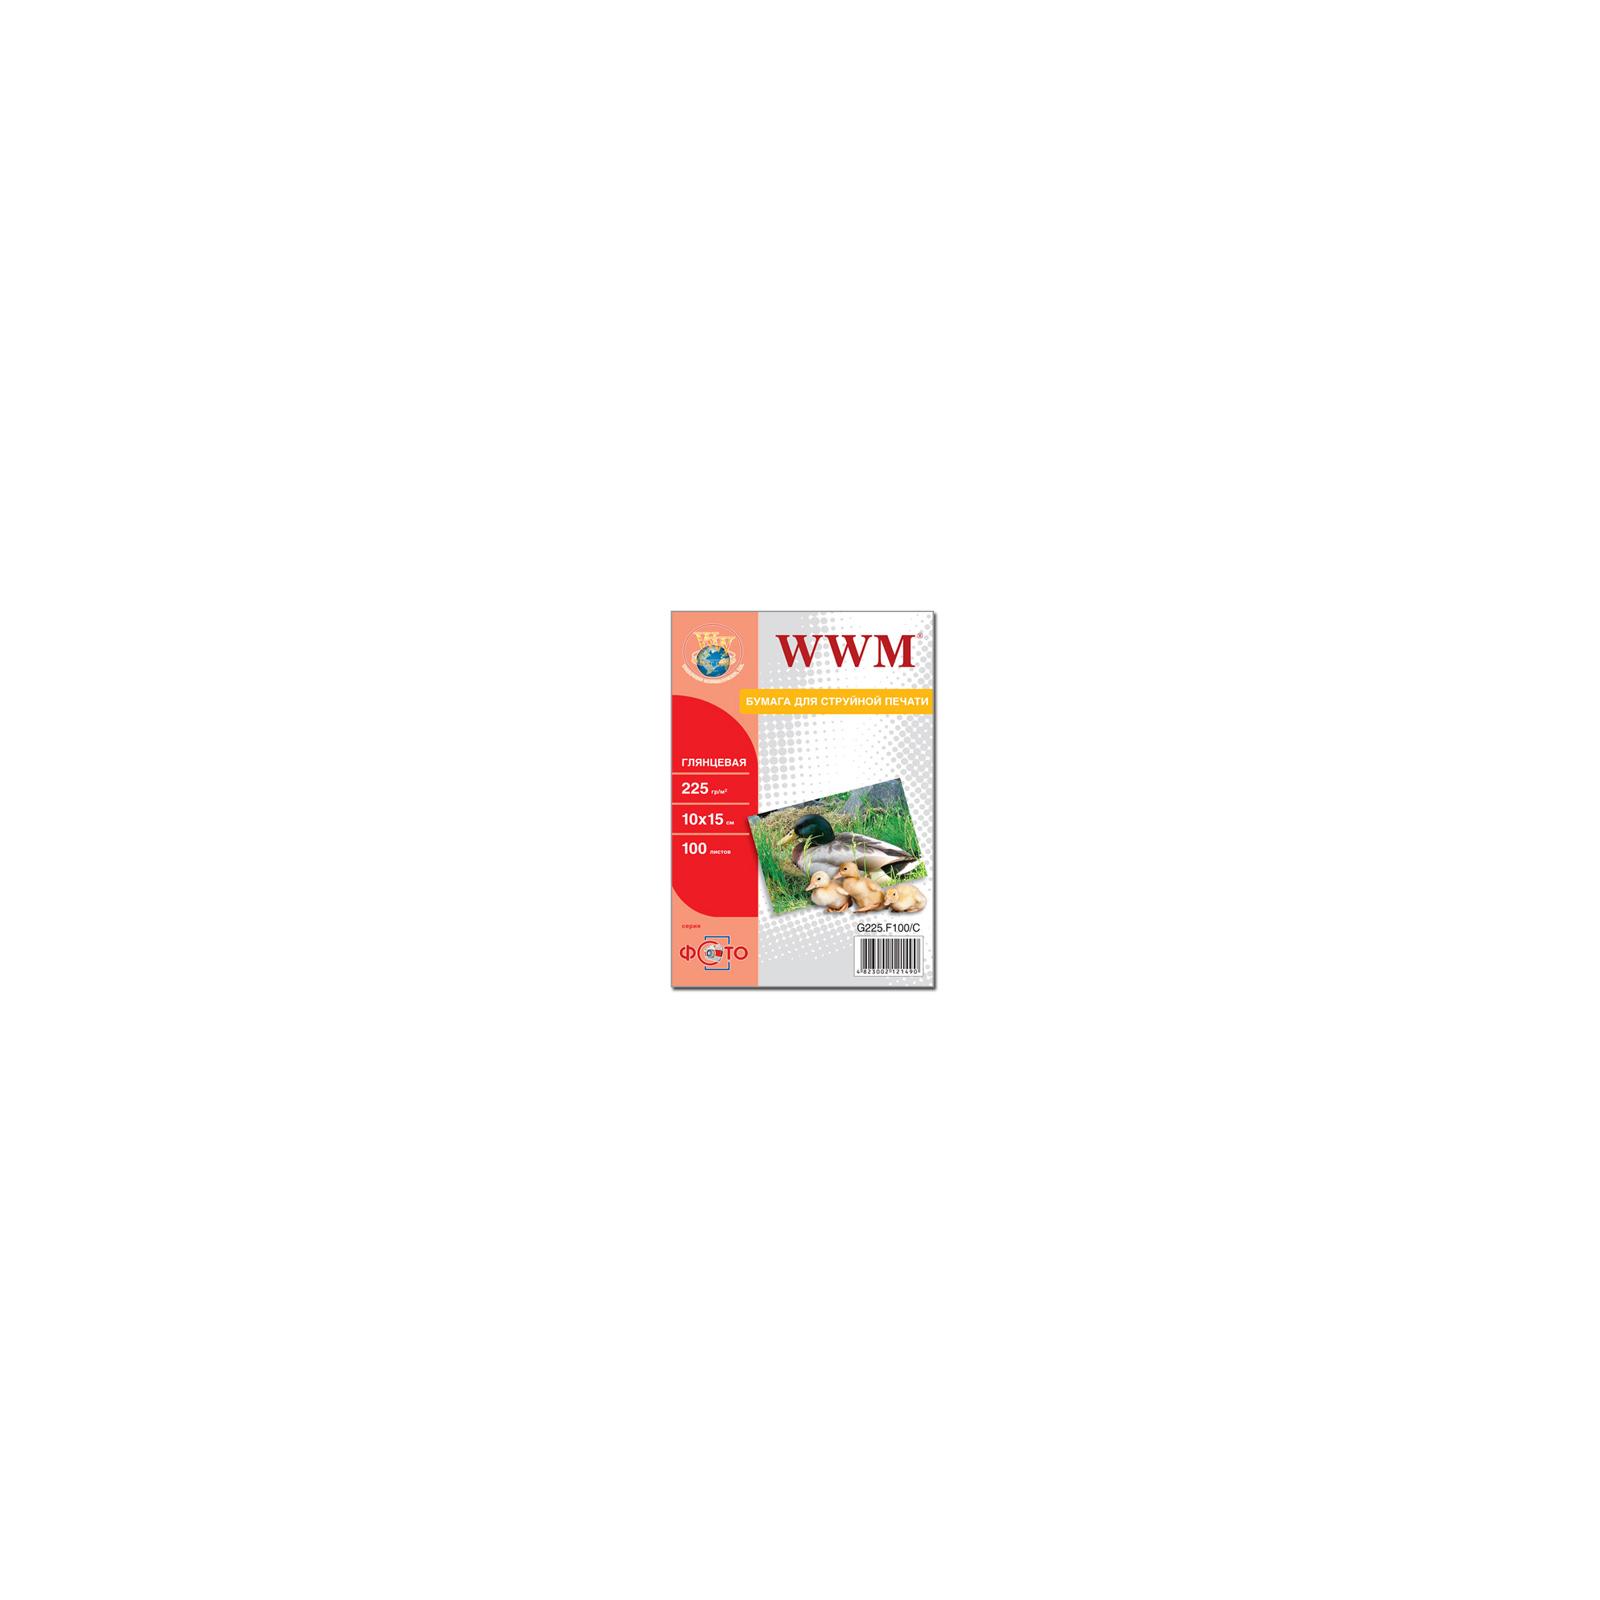 Бумага WWM 10x15 (G225.F100)